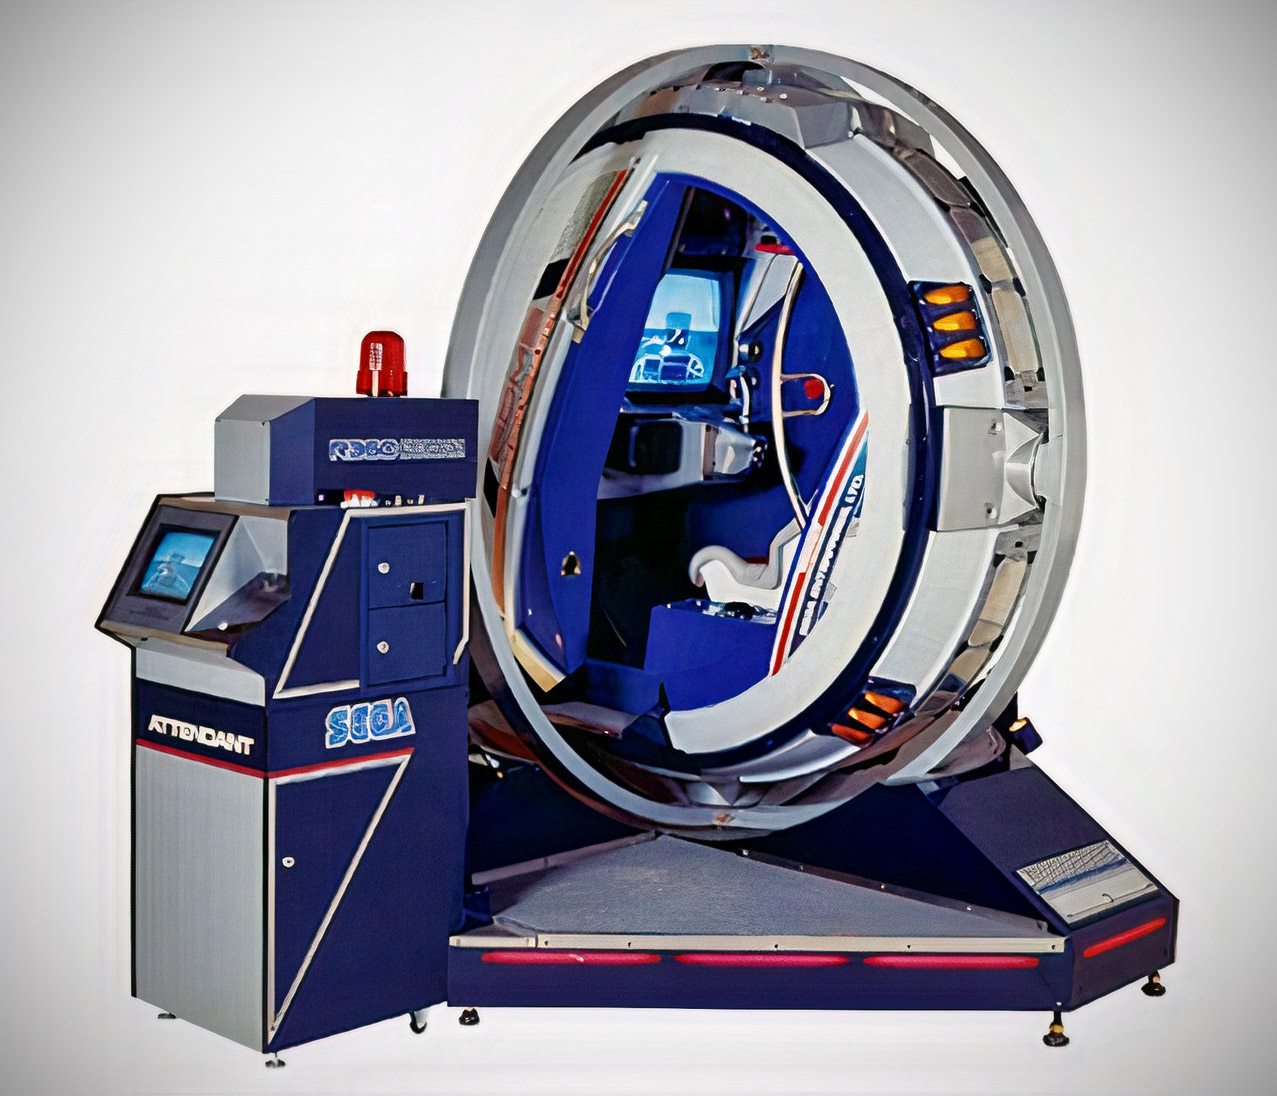 SEGA R360 Arcade Machine